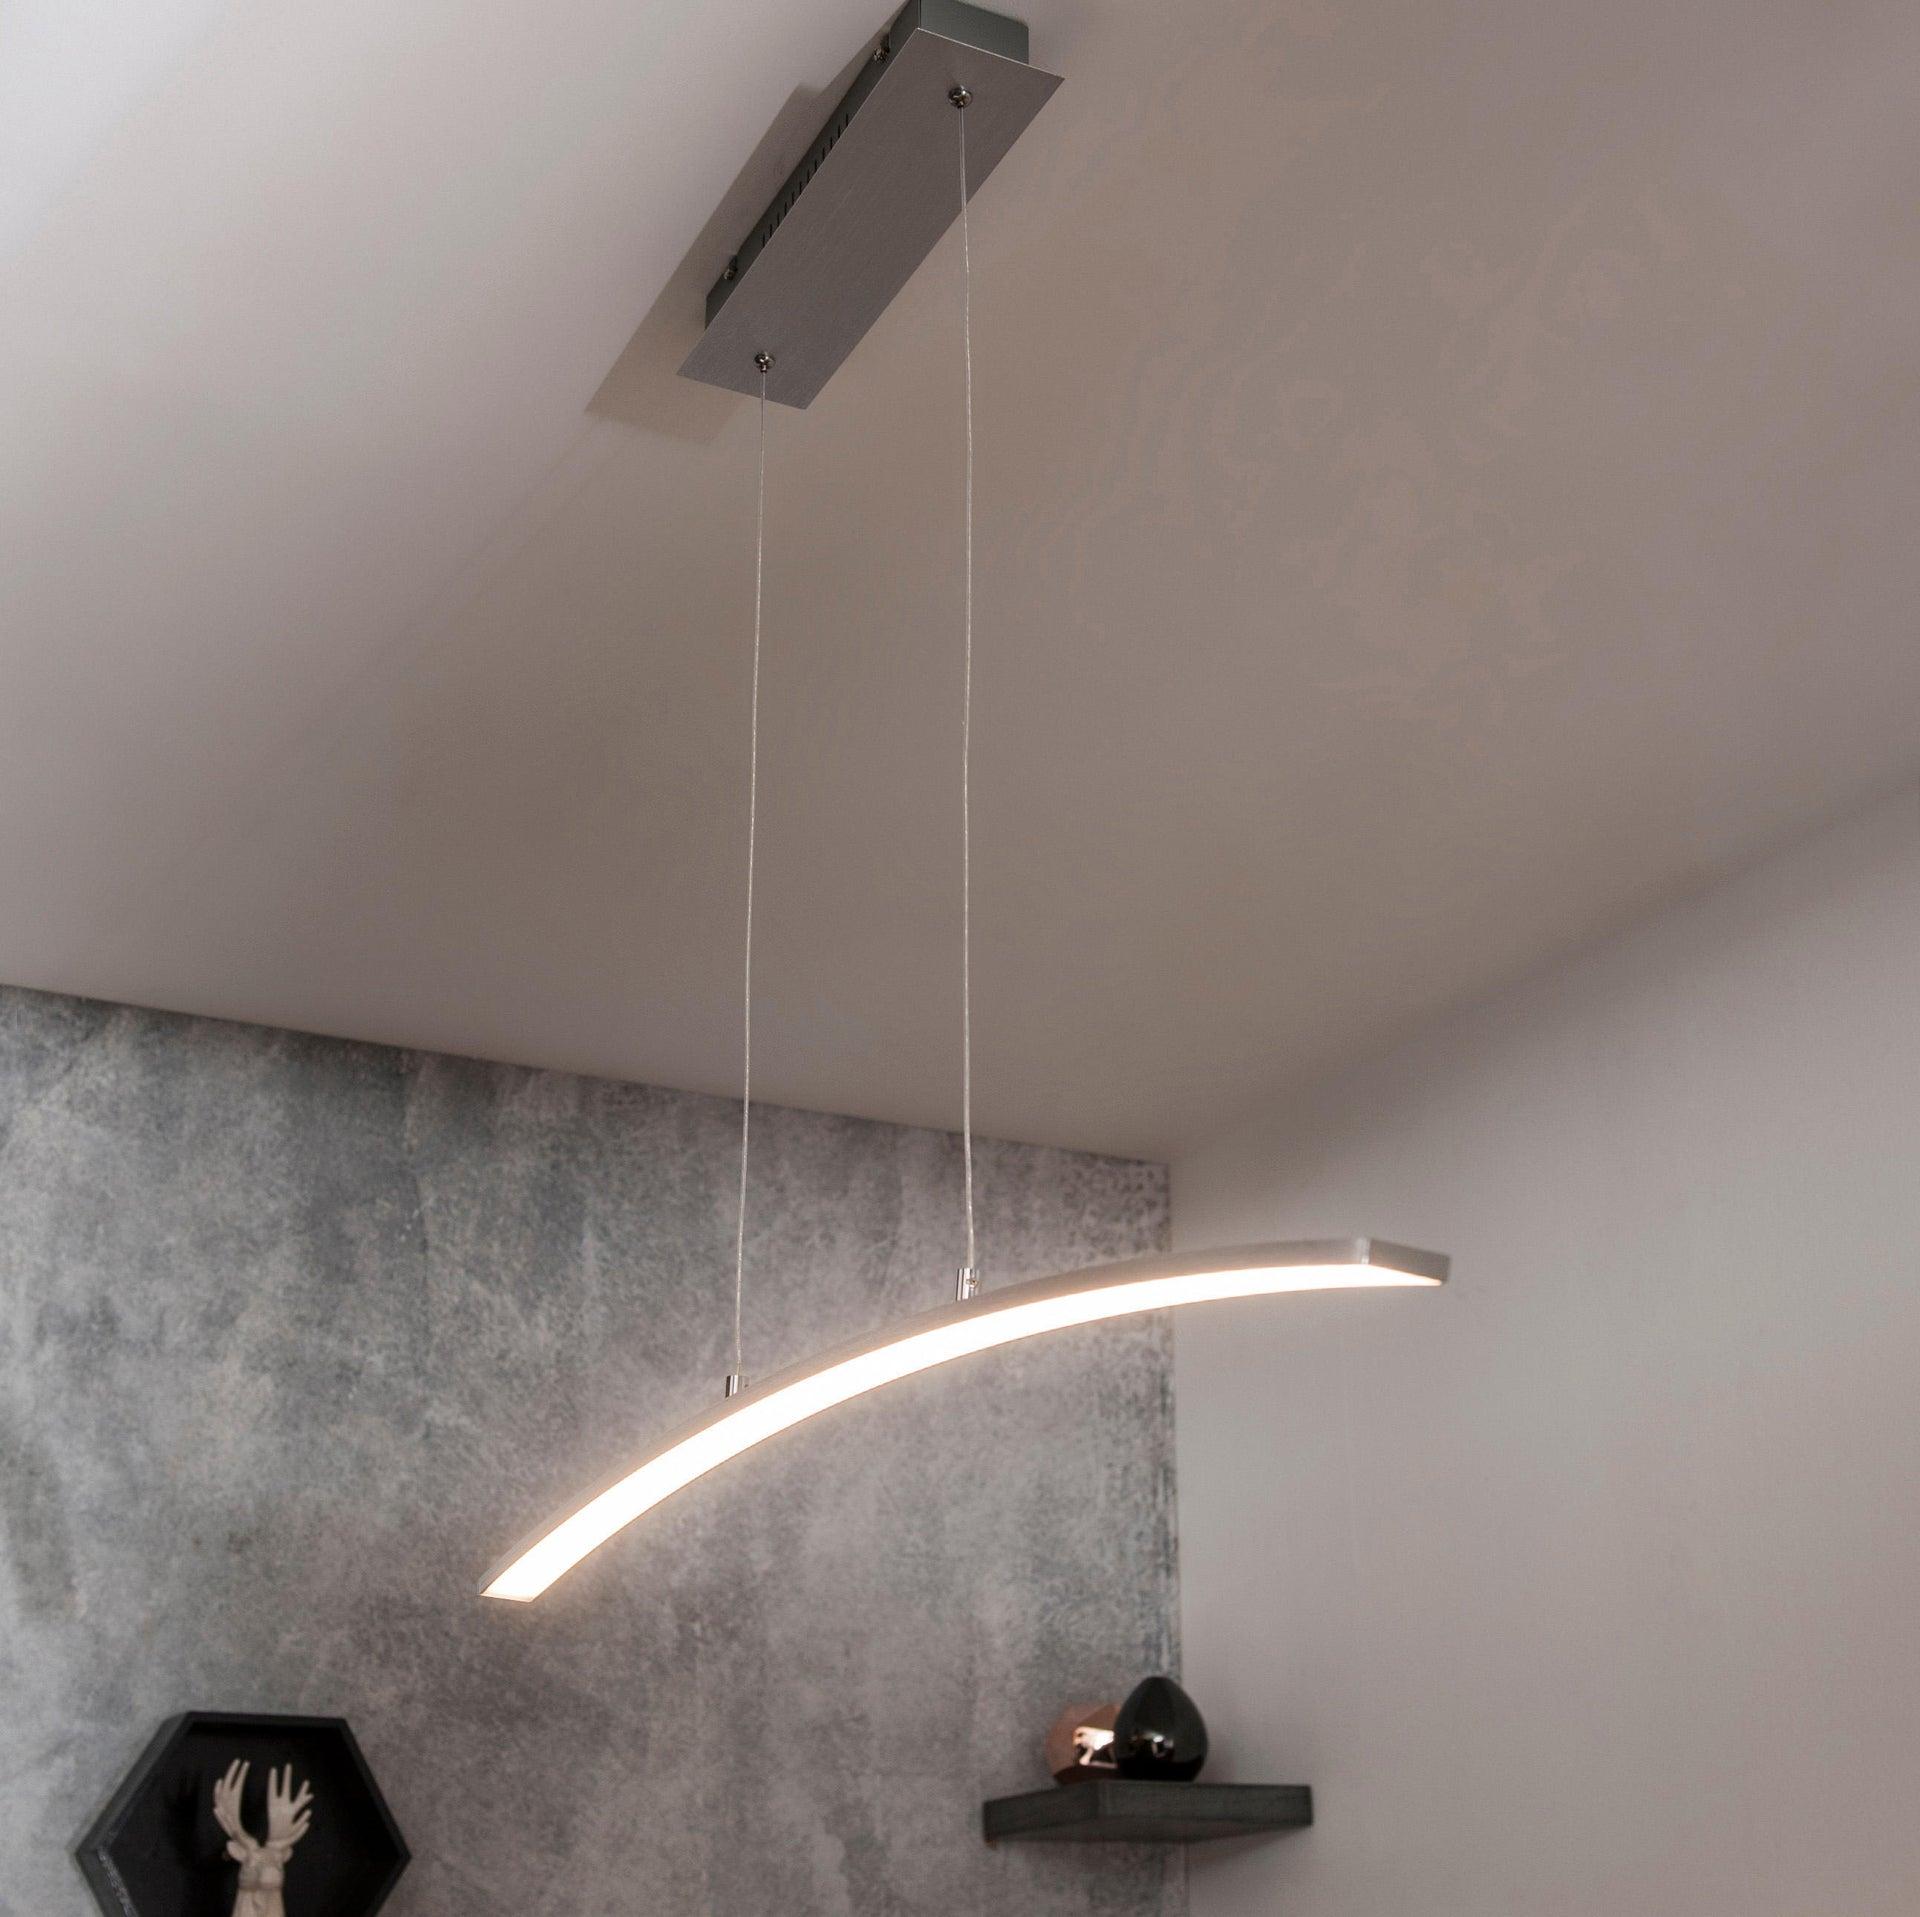 Lampadario Moderno Muda LED integrato cromo, in alluminio, L. 90.0 cm, INSPIRE - 2